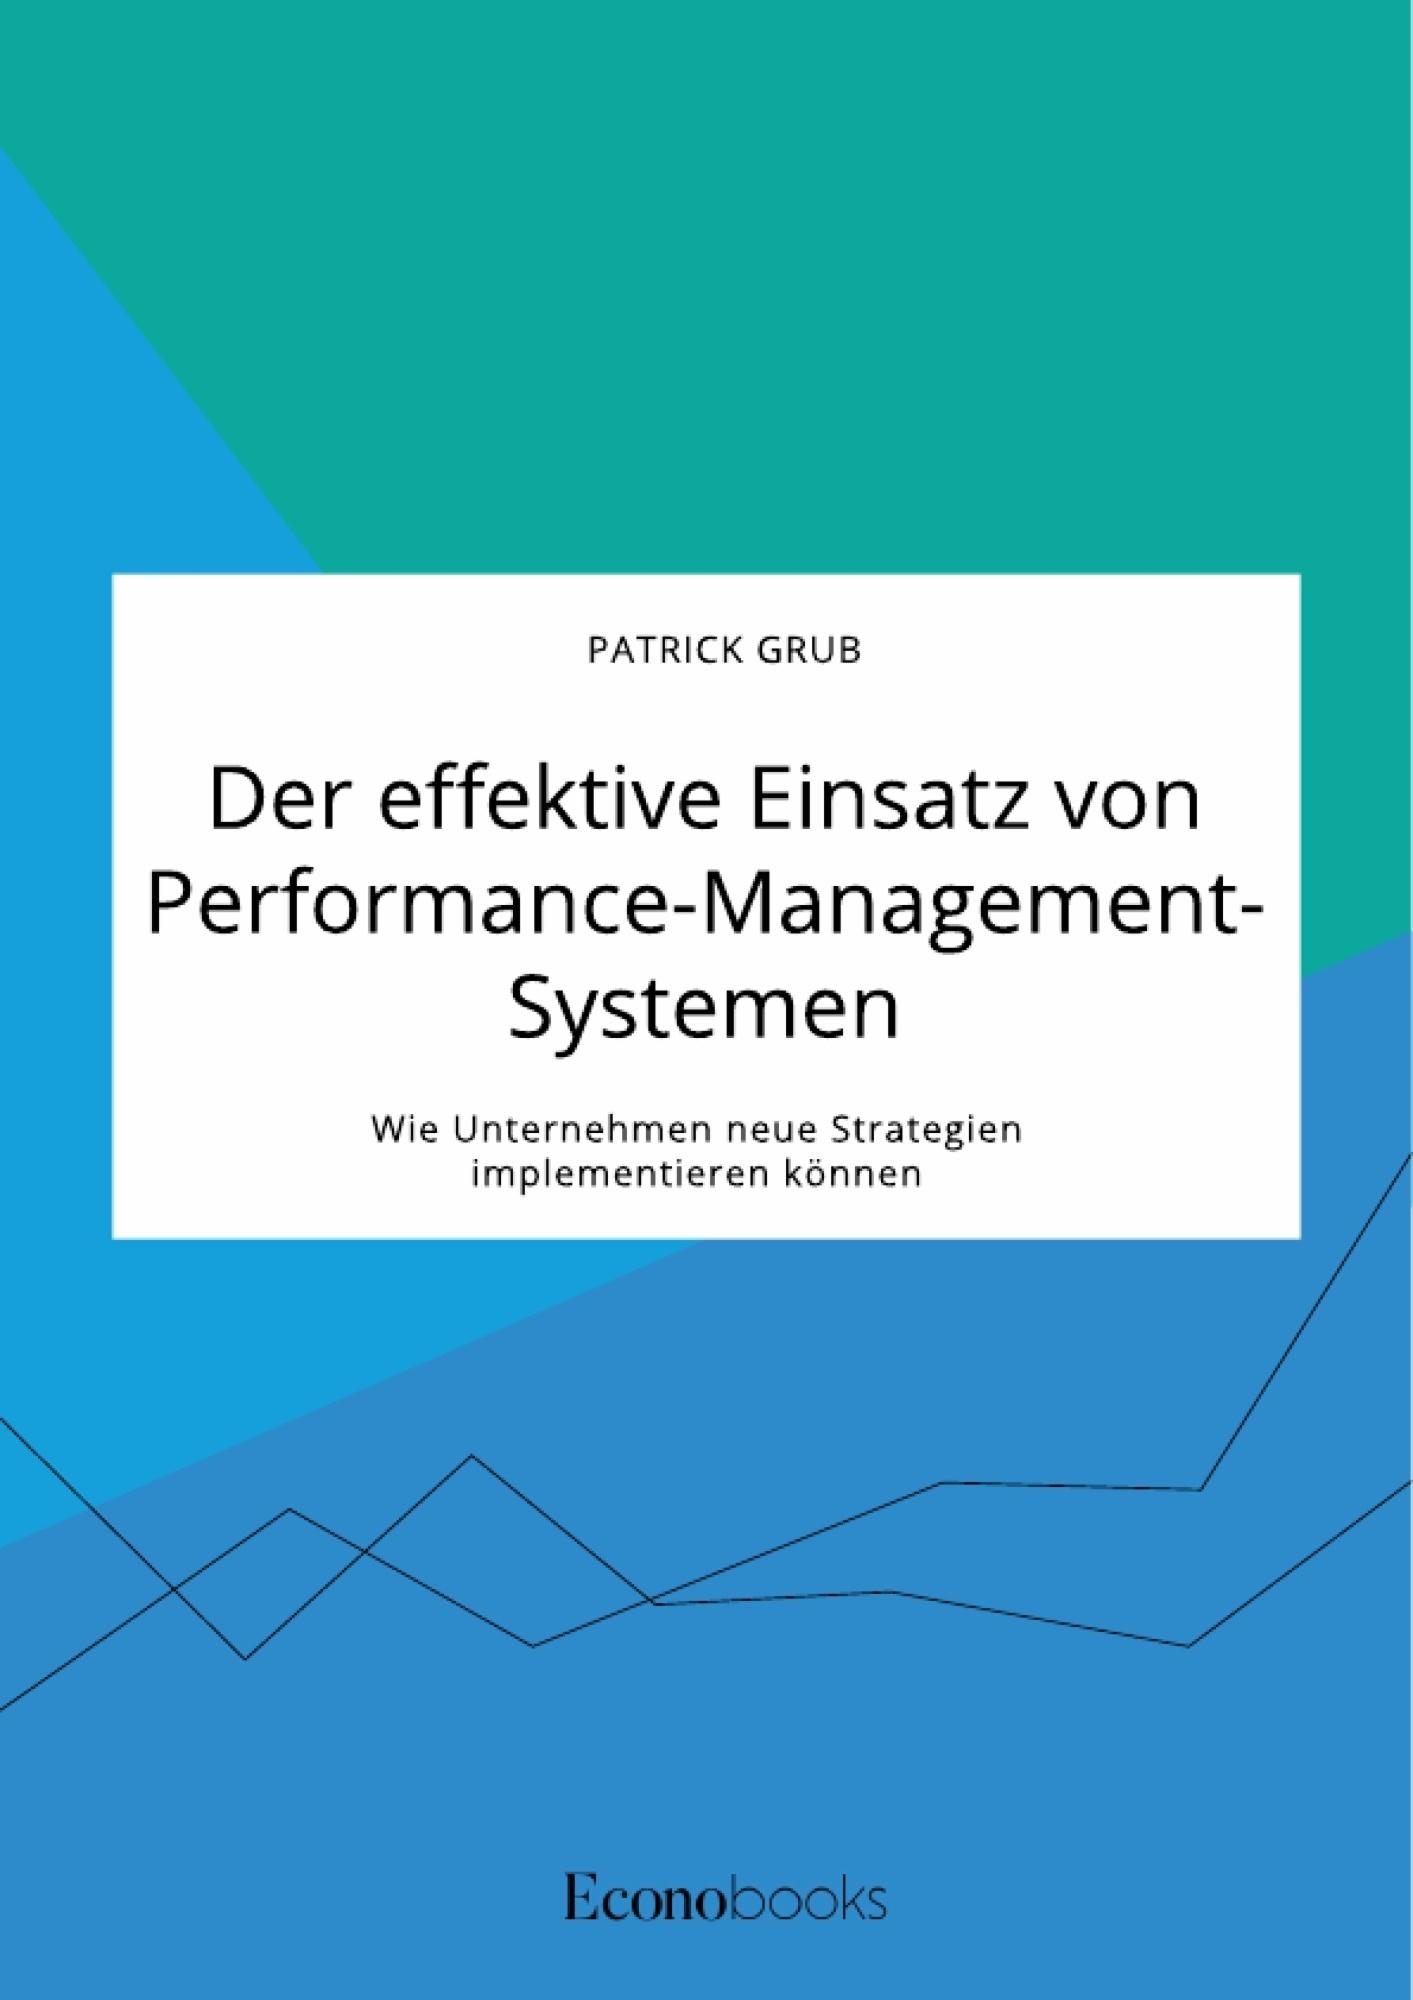 Titel: Der effektive Einsatz von Performance-Management-Systemen. Wie Unternehmen neue Strategien implementieren können